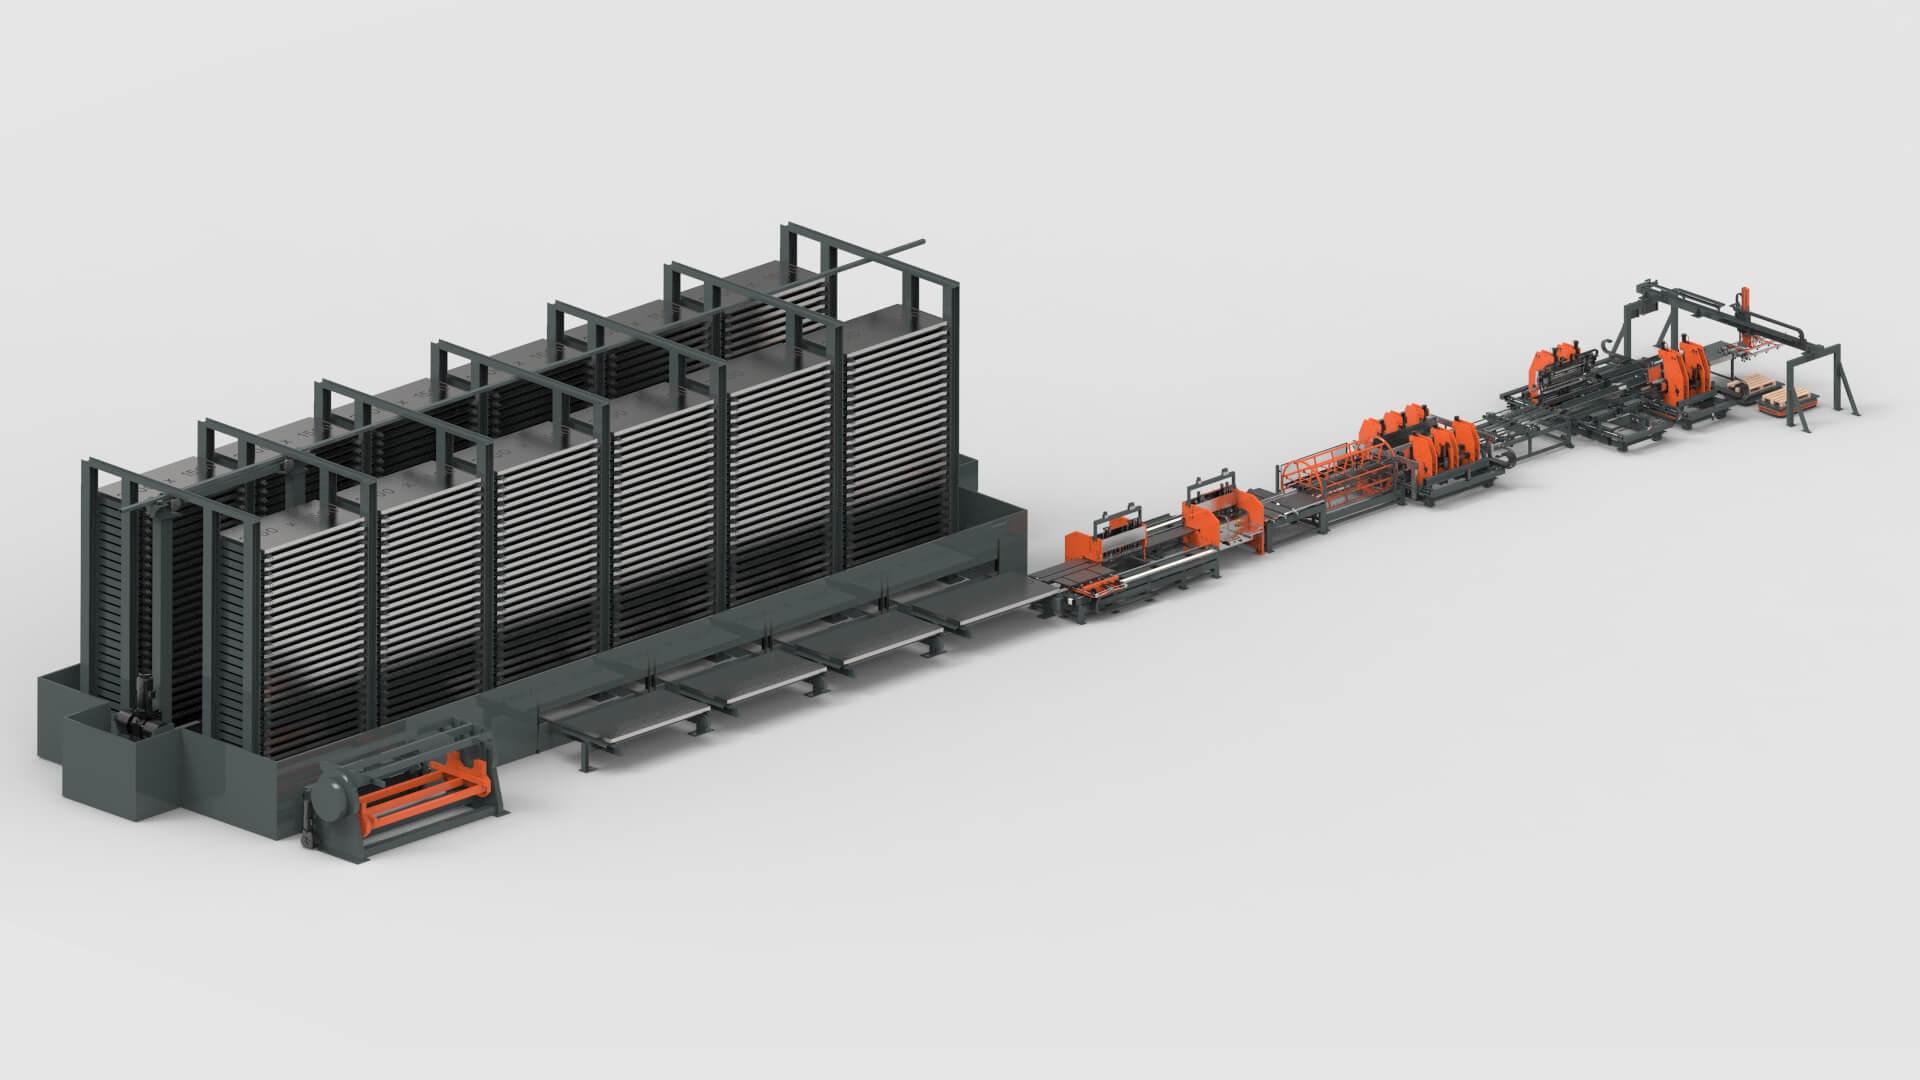 wemo-plafondpanelen-plaatbewerking-platenmagazijn-ponsen-buigen-productielijn